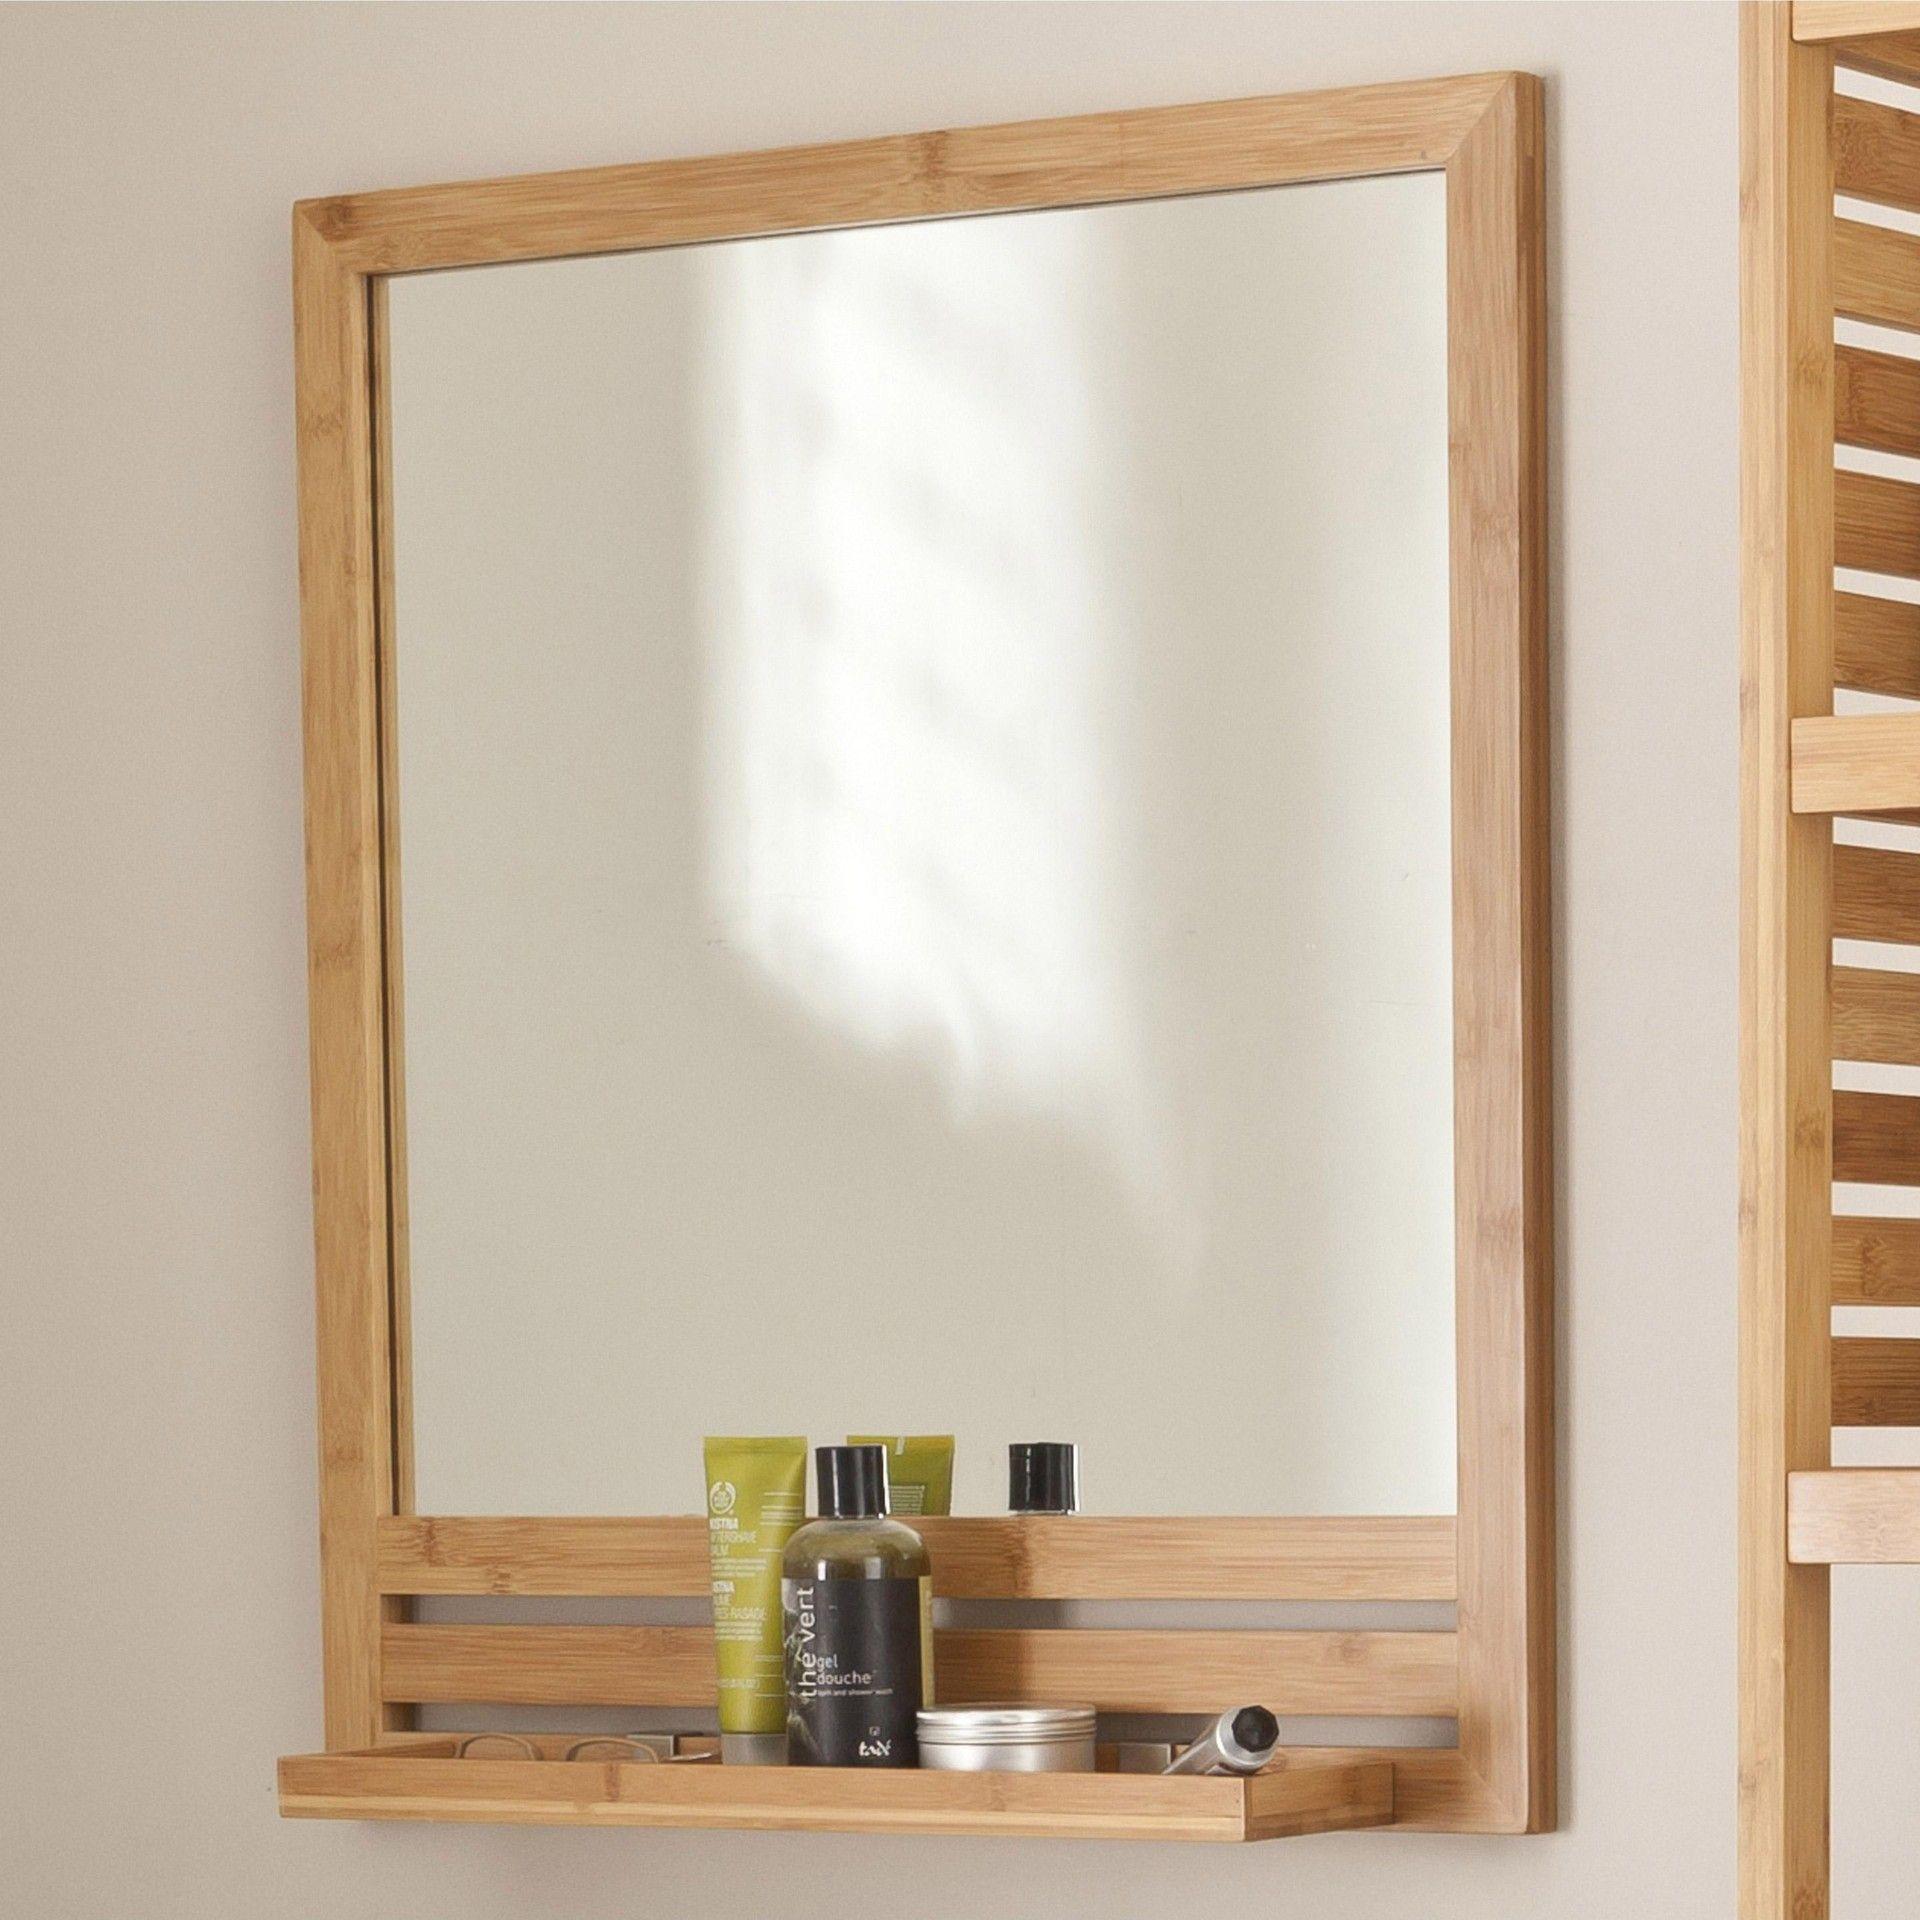 Miroir Salle De Bain Bambou Wallpaper Hd